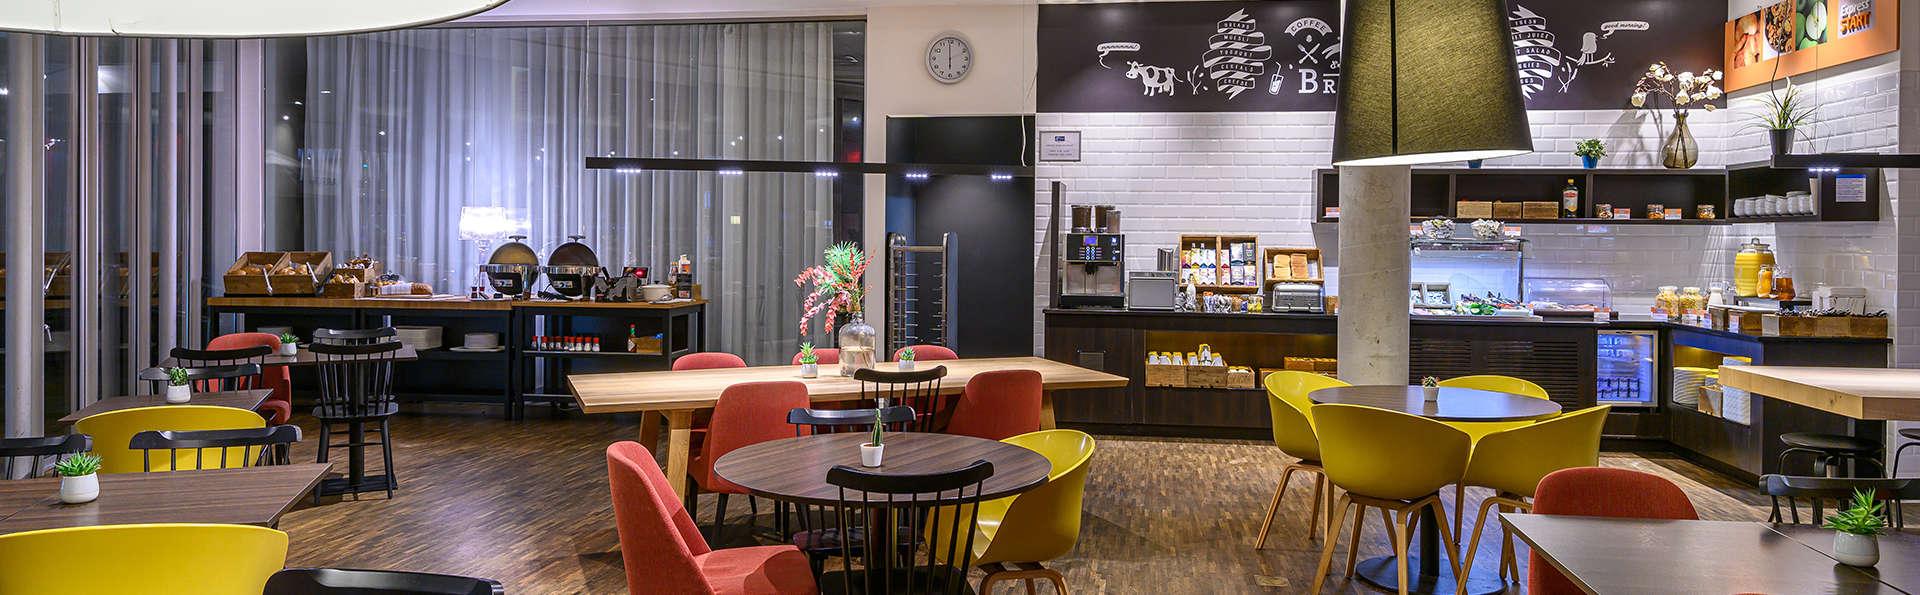 Express by Holiday Inn Mechelen  - EDIT_Holiday_Inn_Express_Mechelen_1.jpg